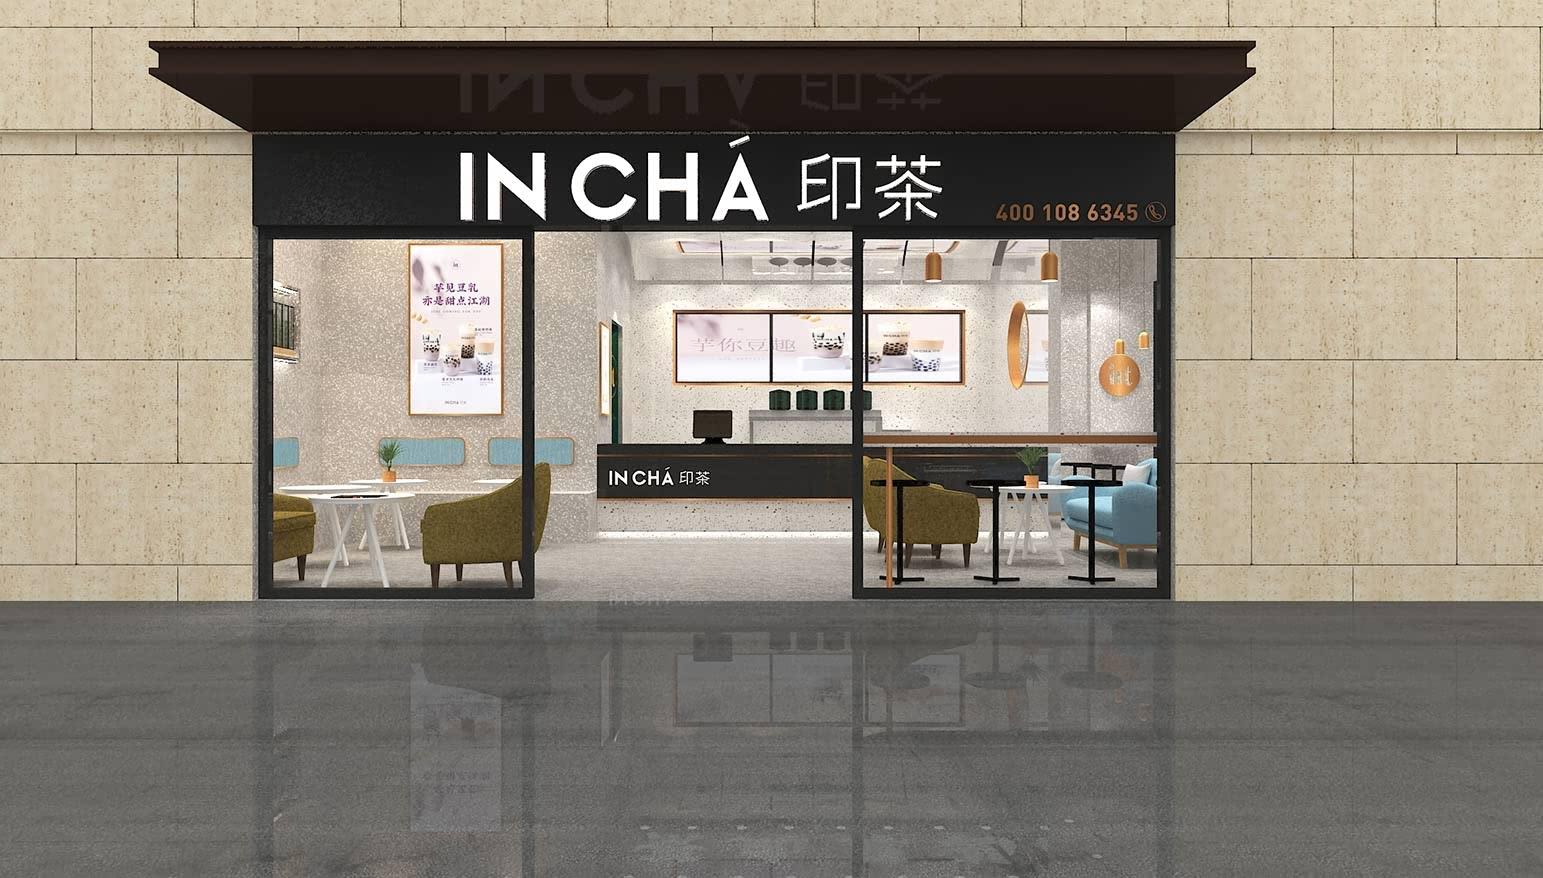 印茶加盟店,南通海安店